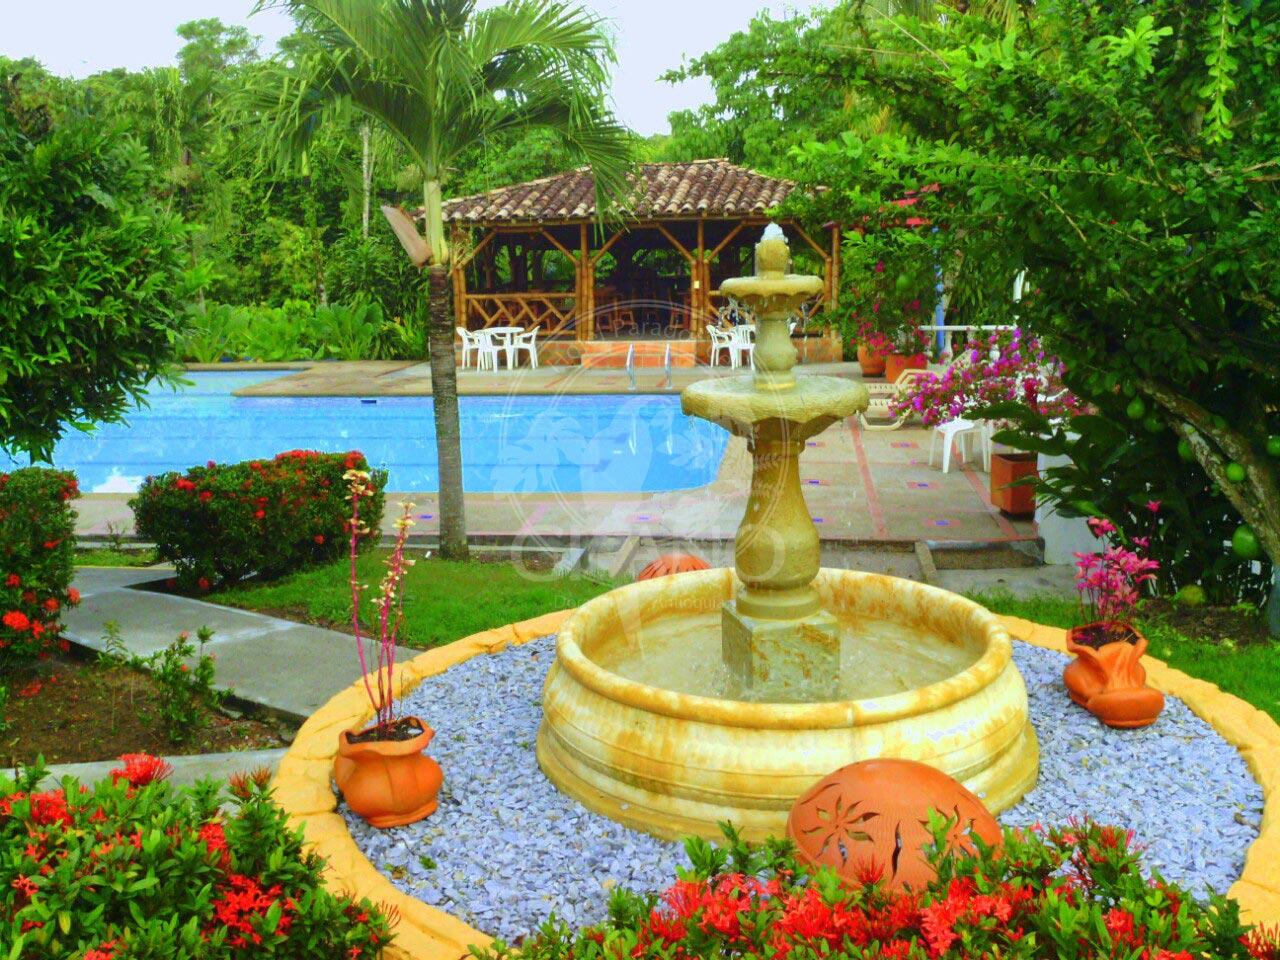 Abundantes jardines y sonidos naturales se mezclan con la brisa y envuelven tus sentidos - Hotel & Restaurante Parador del gitano - Nápoles - Doradal - Rio claro